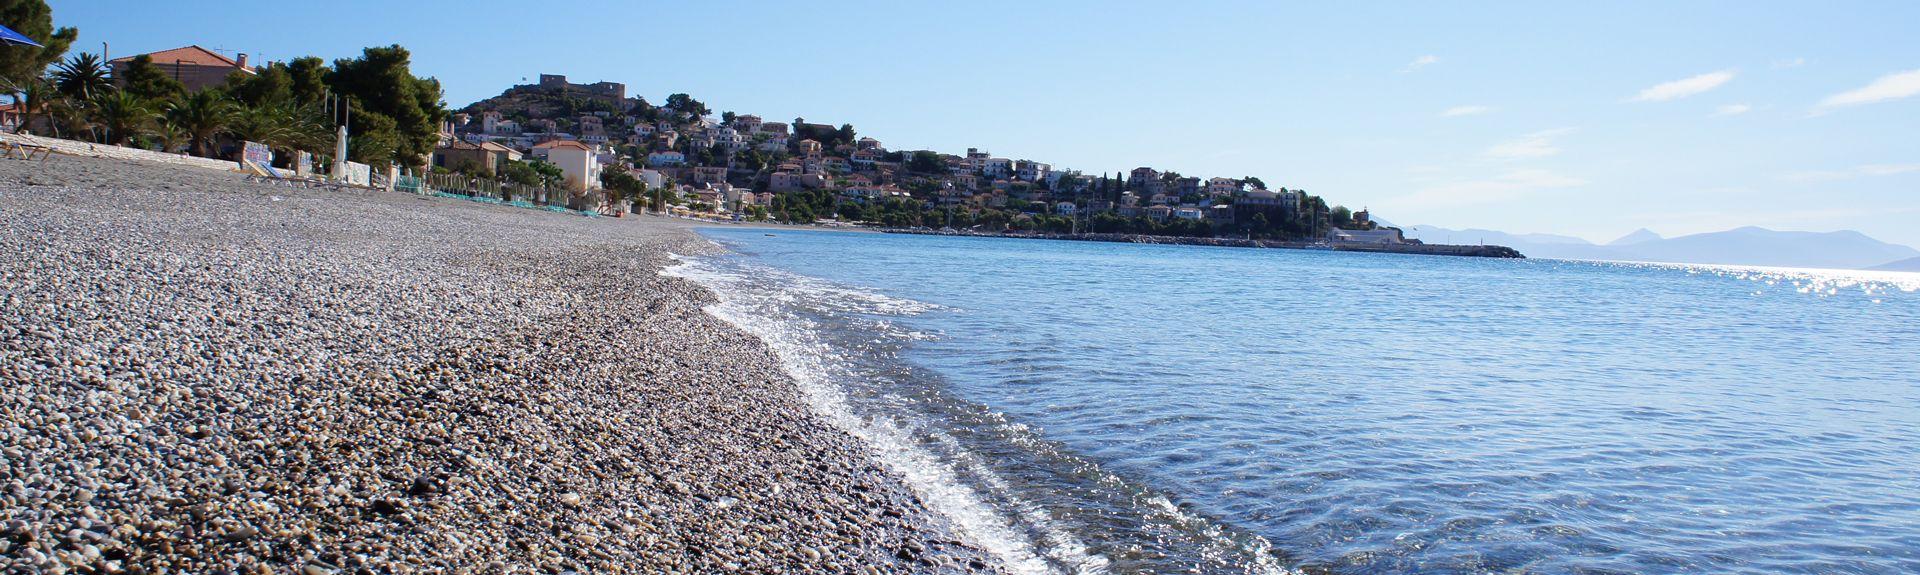 Sør-Kynuria, Peloponnes, Hellas